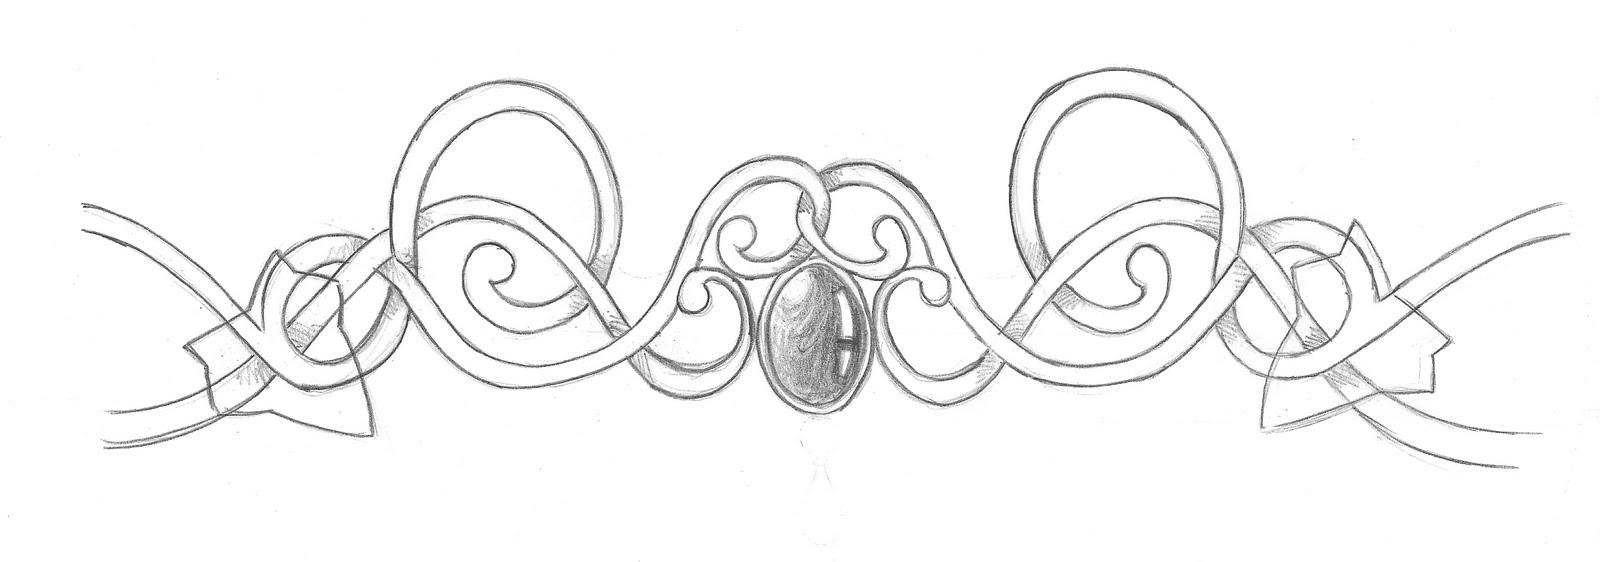 Blog de l 39 atelier des elfes bijoux d 39 apr s dessin - Dessiner un elfe ...